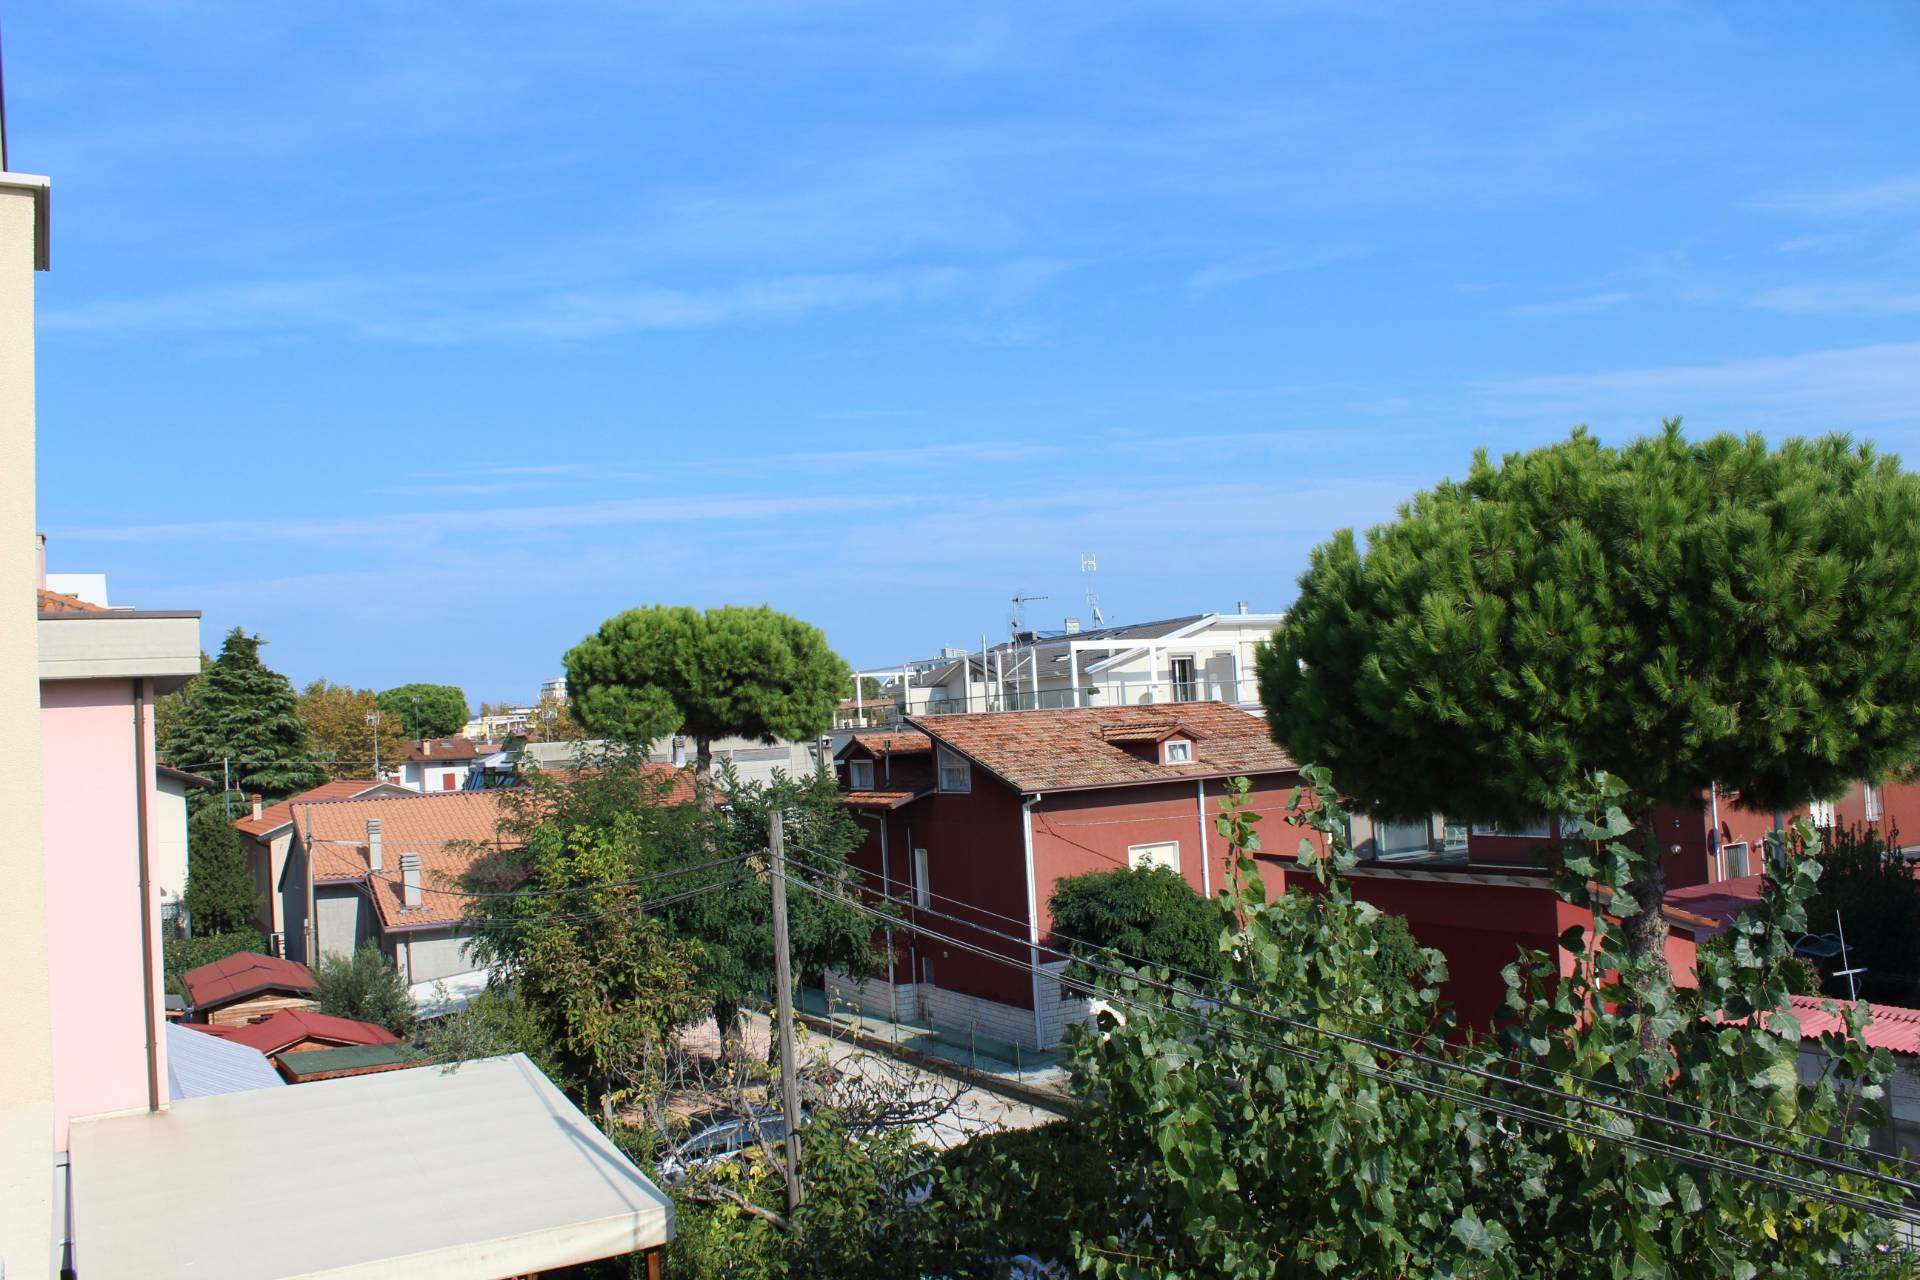 Appartamento in vendita a Cesenatico, 3 locali, zona Zona: Villamarina, prezzo € 210.000 | CambioCasa.it